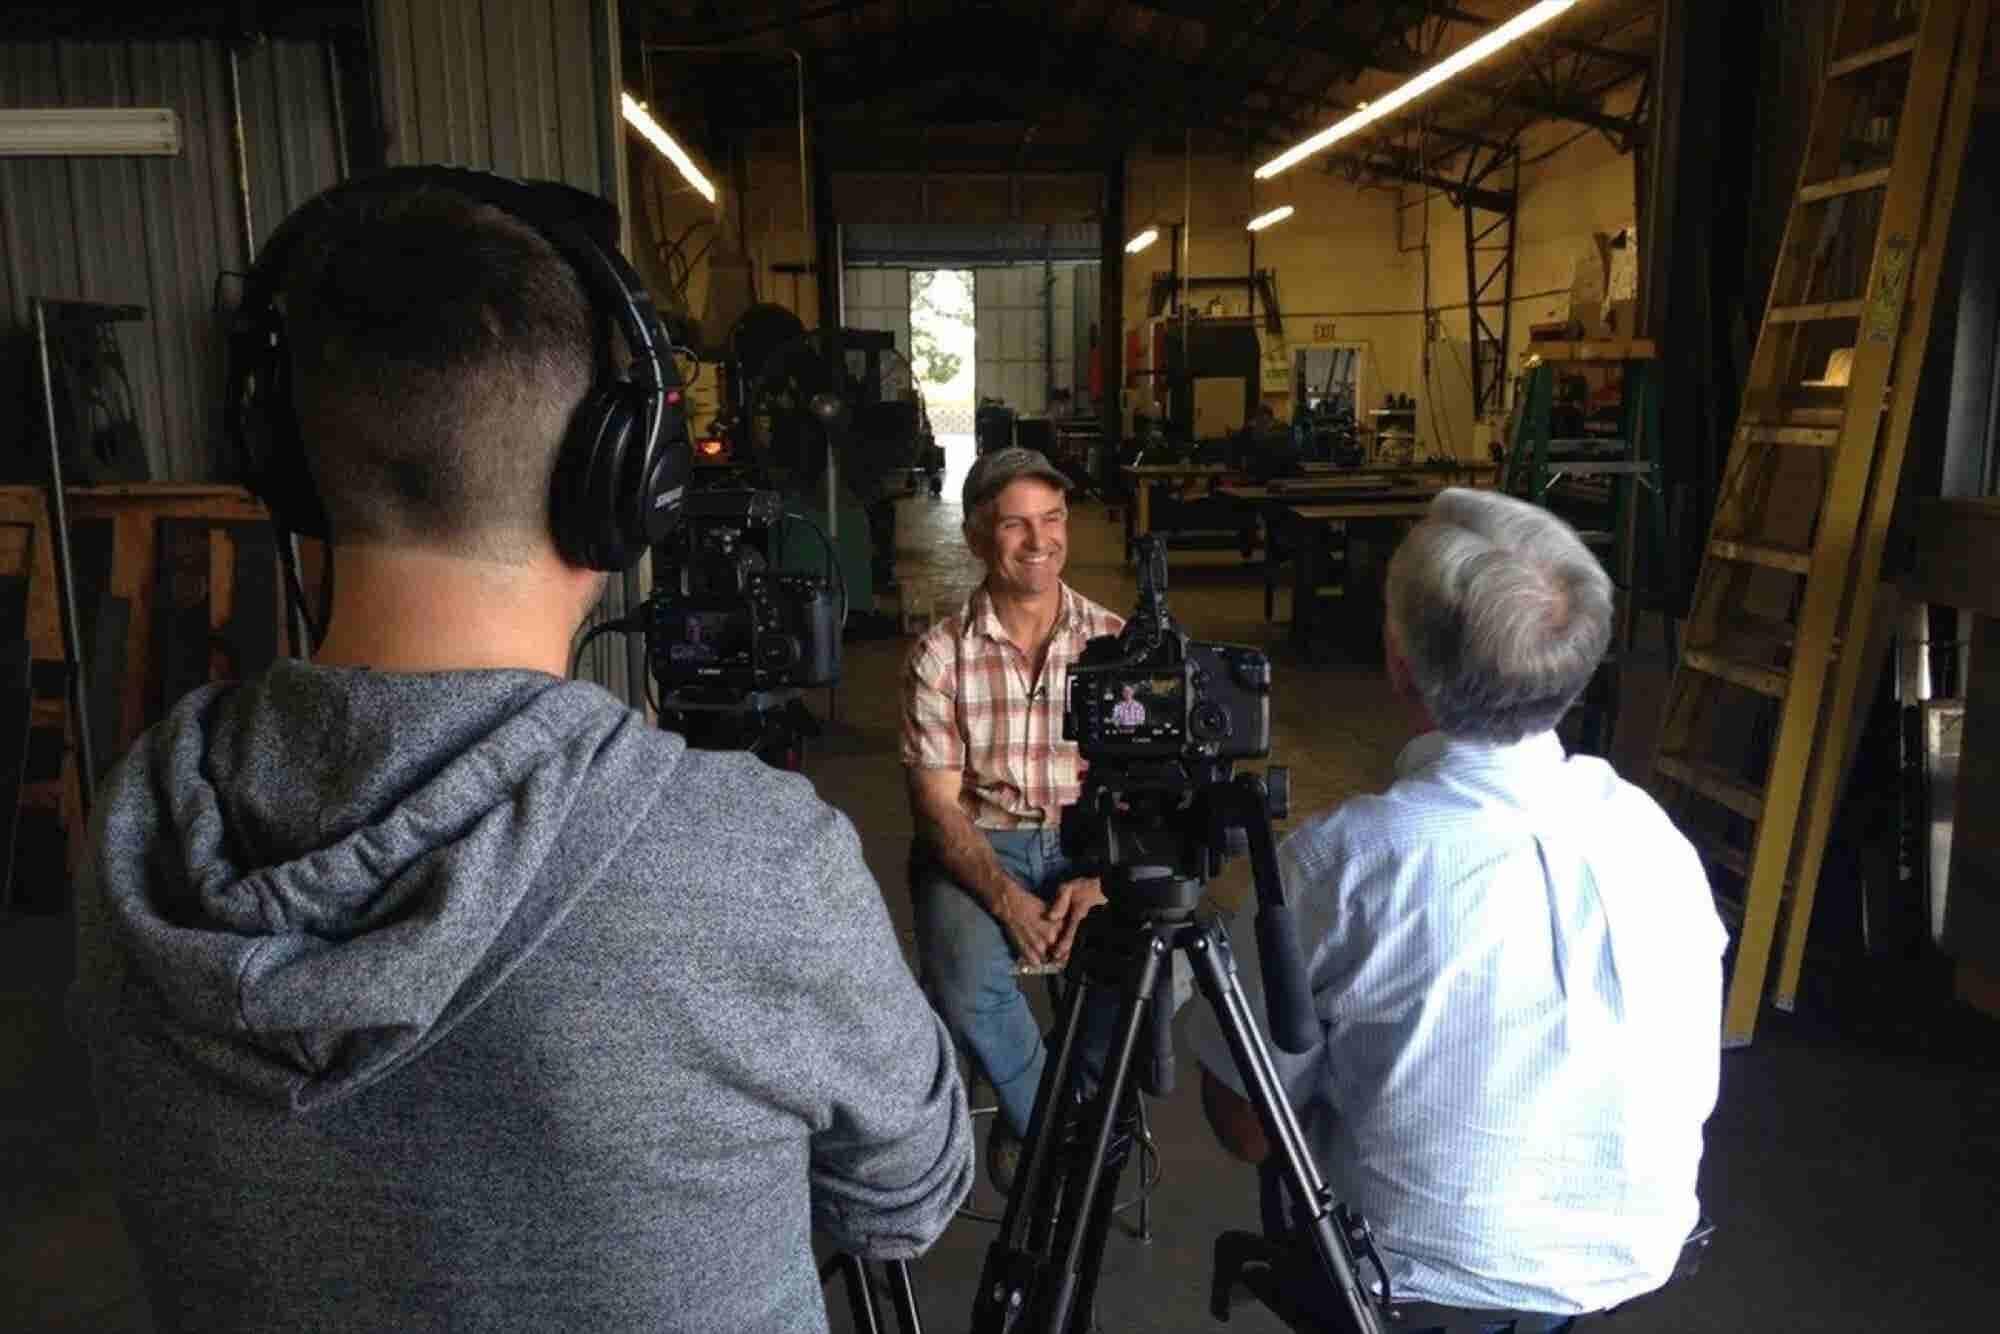 New Documentary Features Amazing Entrepreneurs Across America